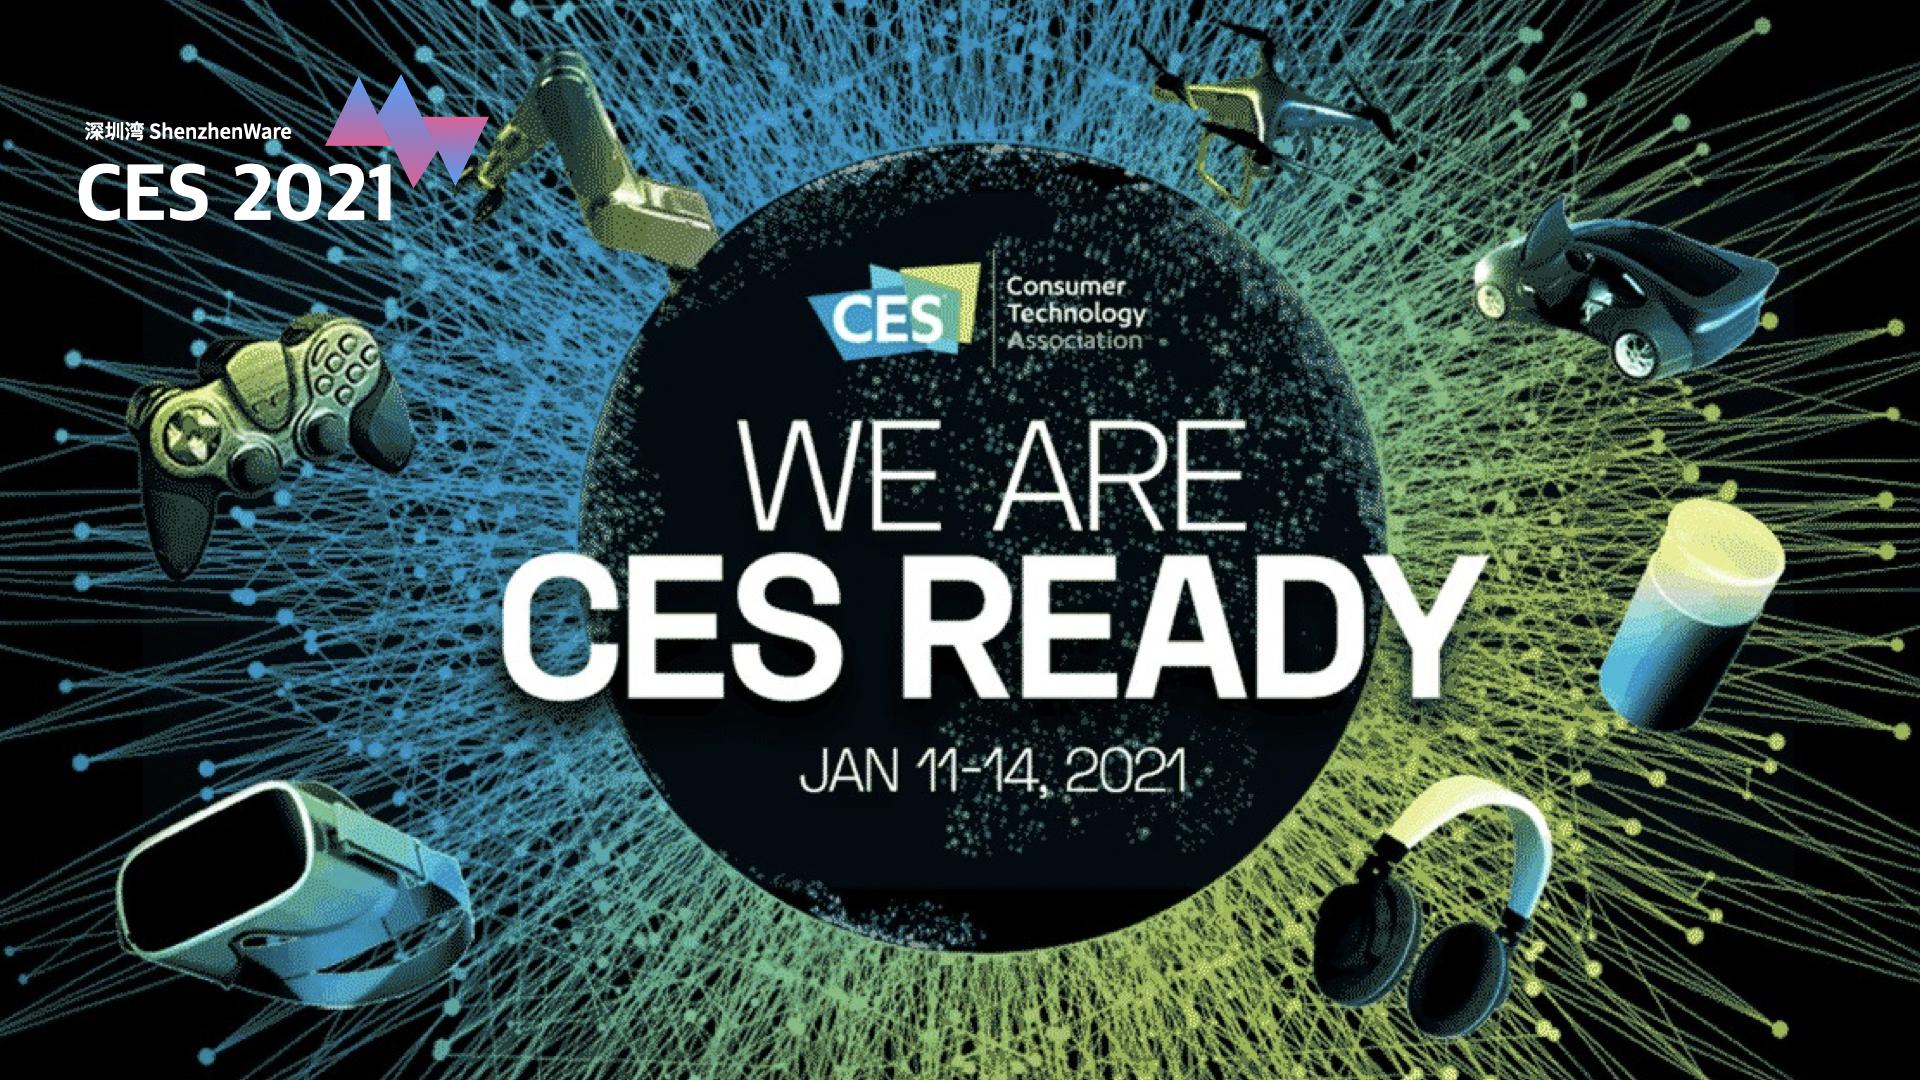 CES 2021 成立 50 余年,首次全面线上大展